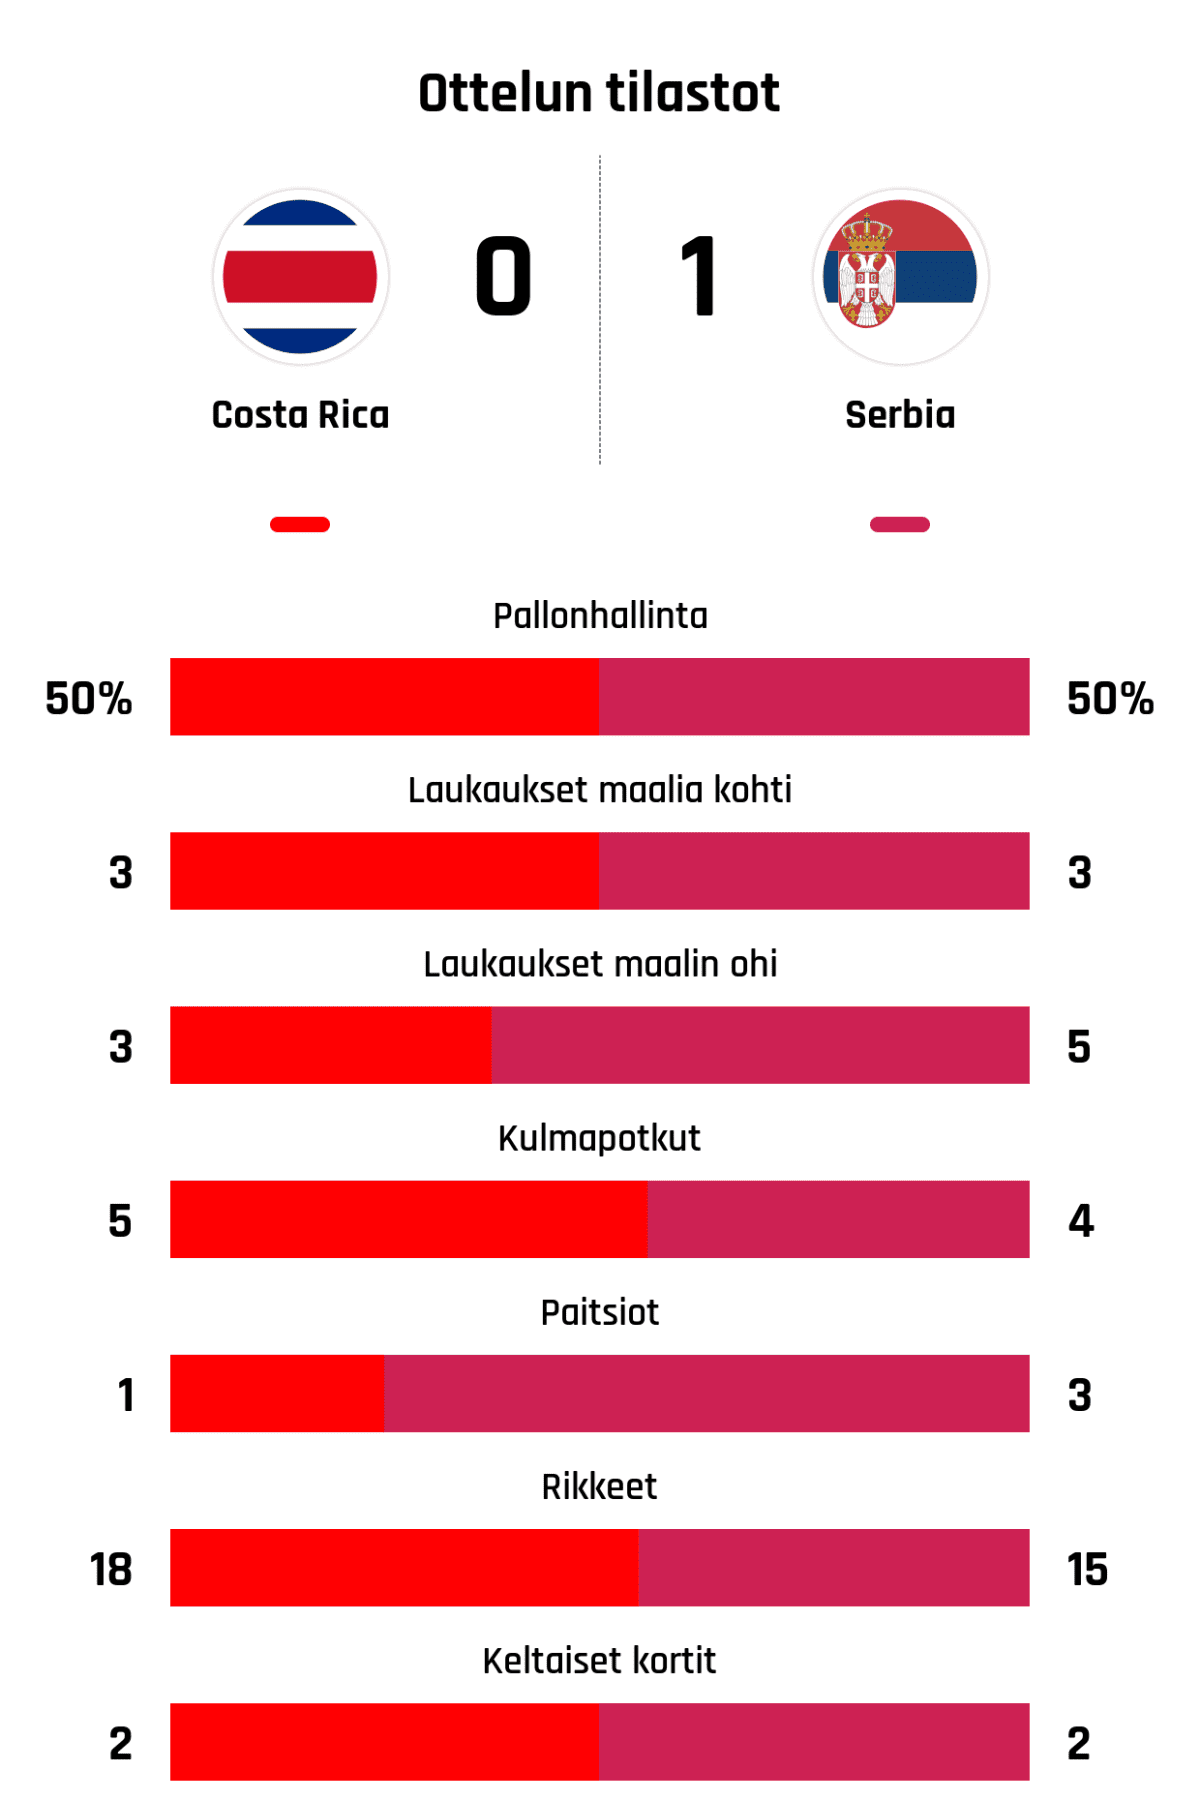 Pallonhallinta 50%-50% Laukaukset maalia kohti 3-3 Laukaukset maalin ohi 3-5 Kulmapotkut 5-4 Paitsiot 1-3 Rikkeet 18-15 Keltaiset kortit 2-2